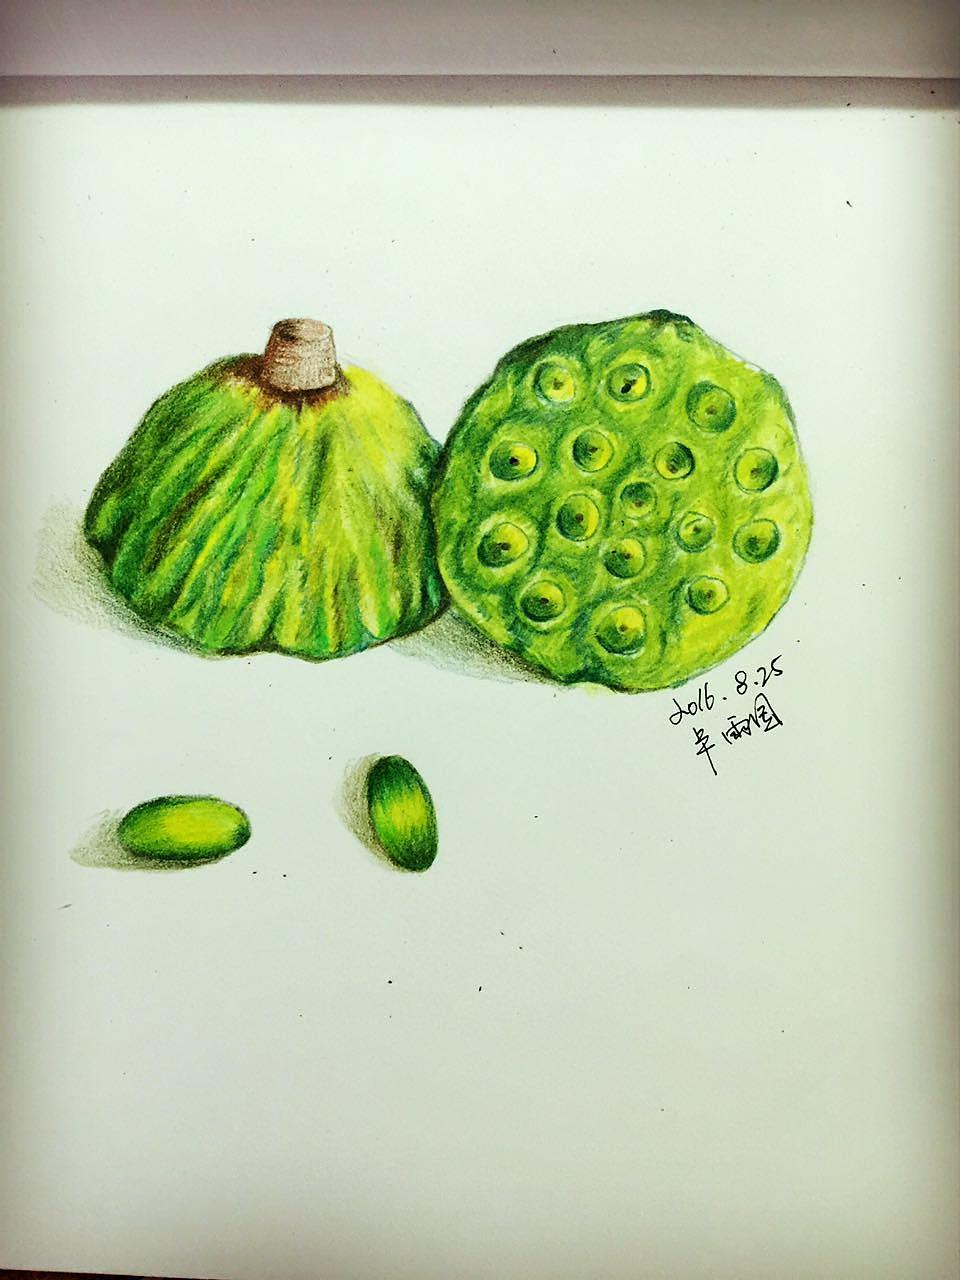 手绘莲蓬 绿色清爽 彩绘 绘画